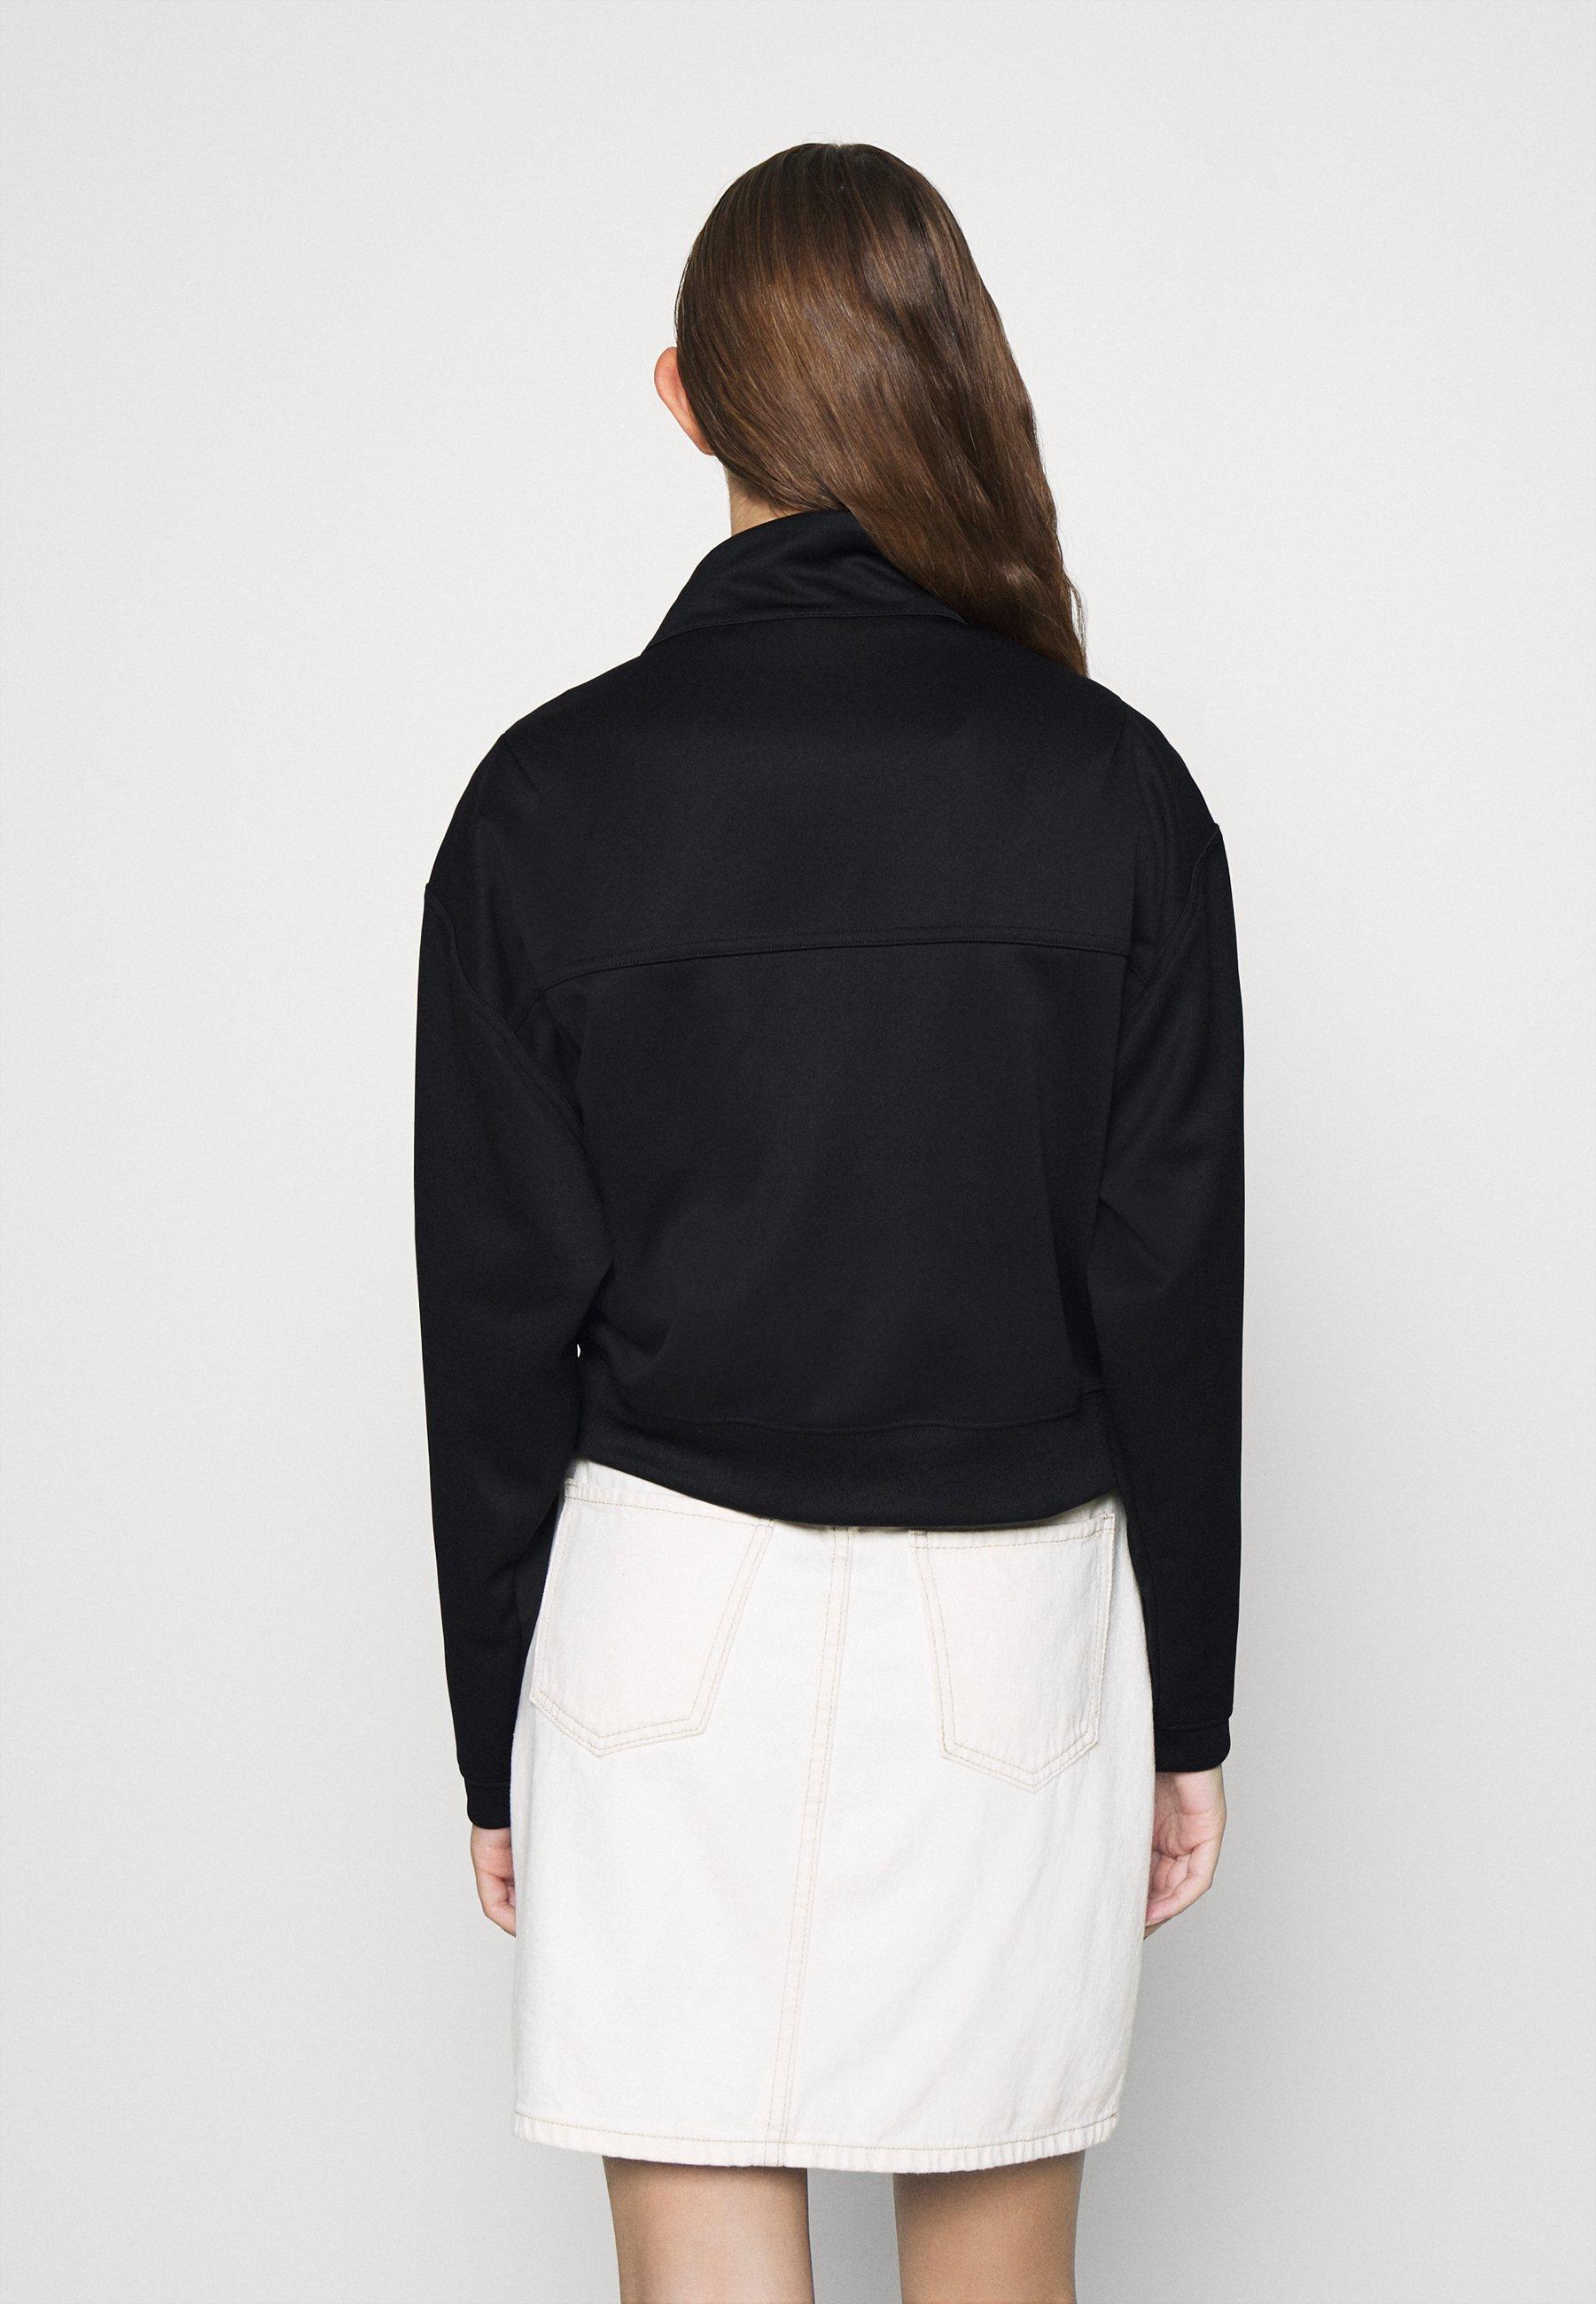 Nike Sportswear Trainingsjacke black/white/schwarz